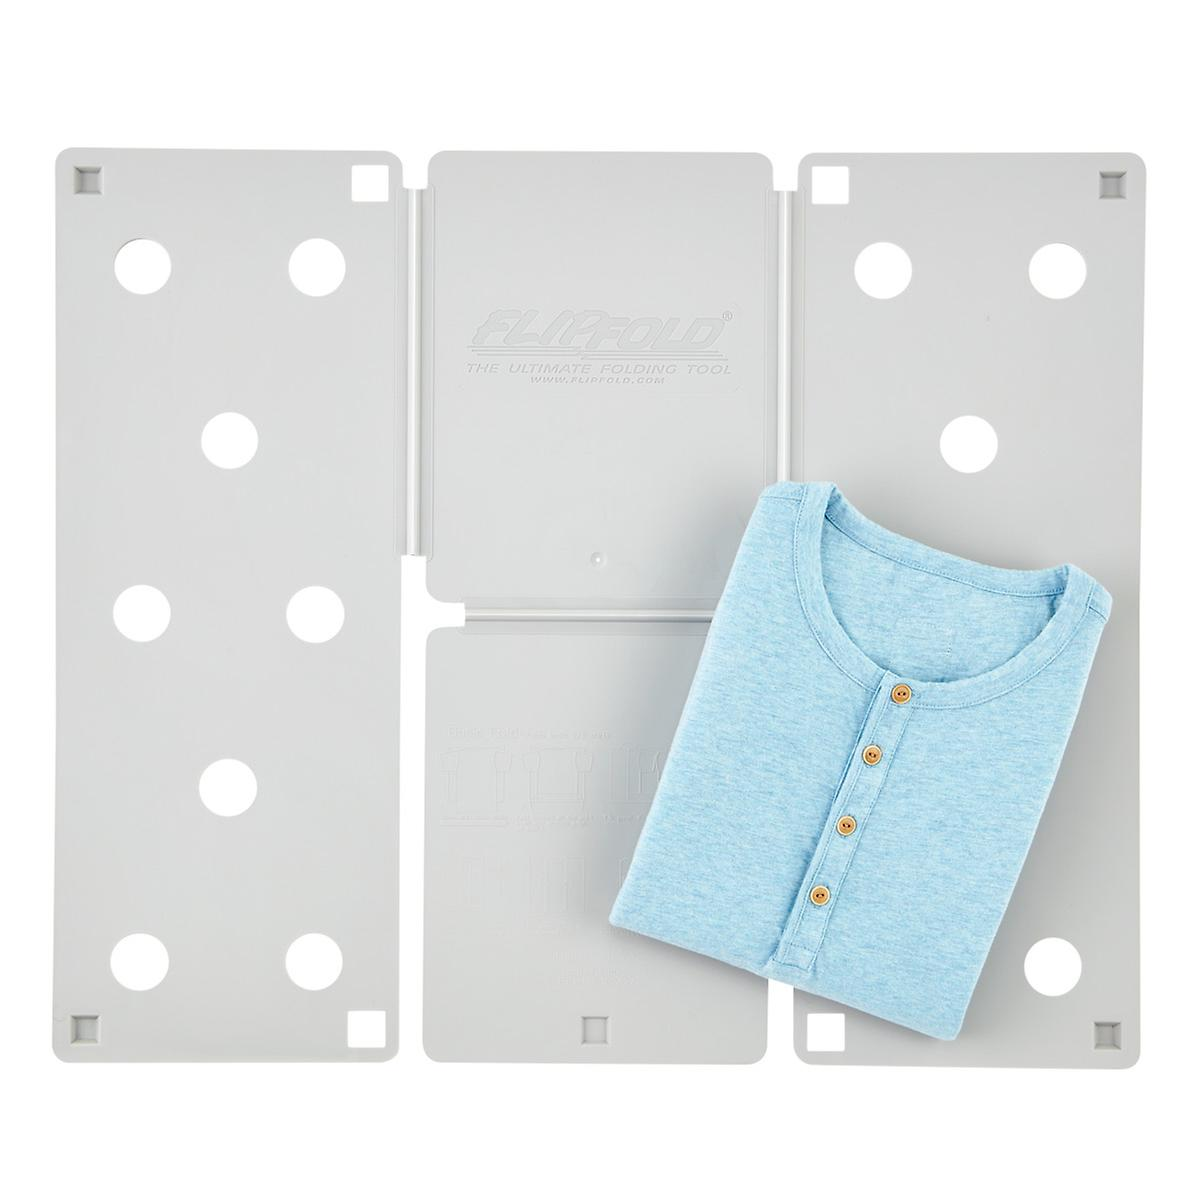 10071175-flipfold-laundry-folder-gre-1.jpg